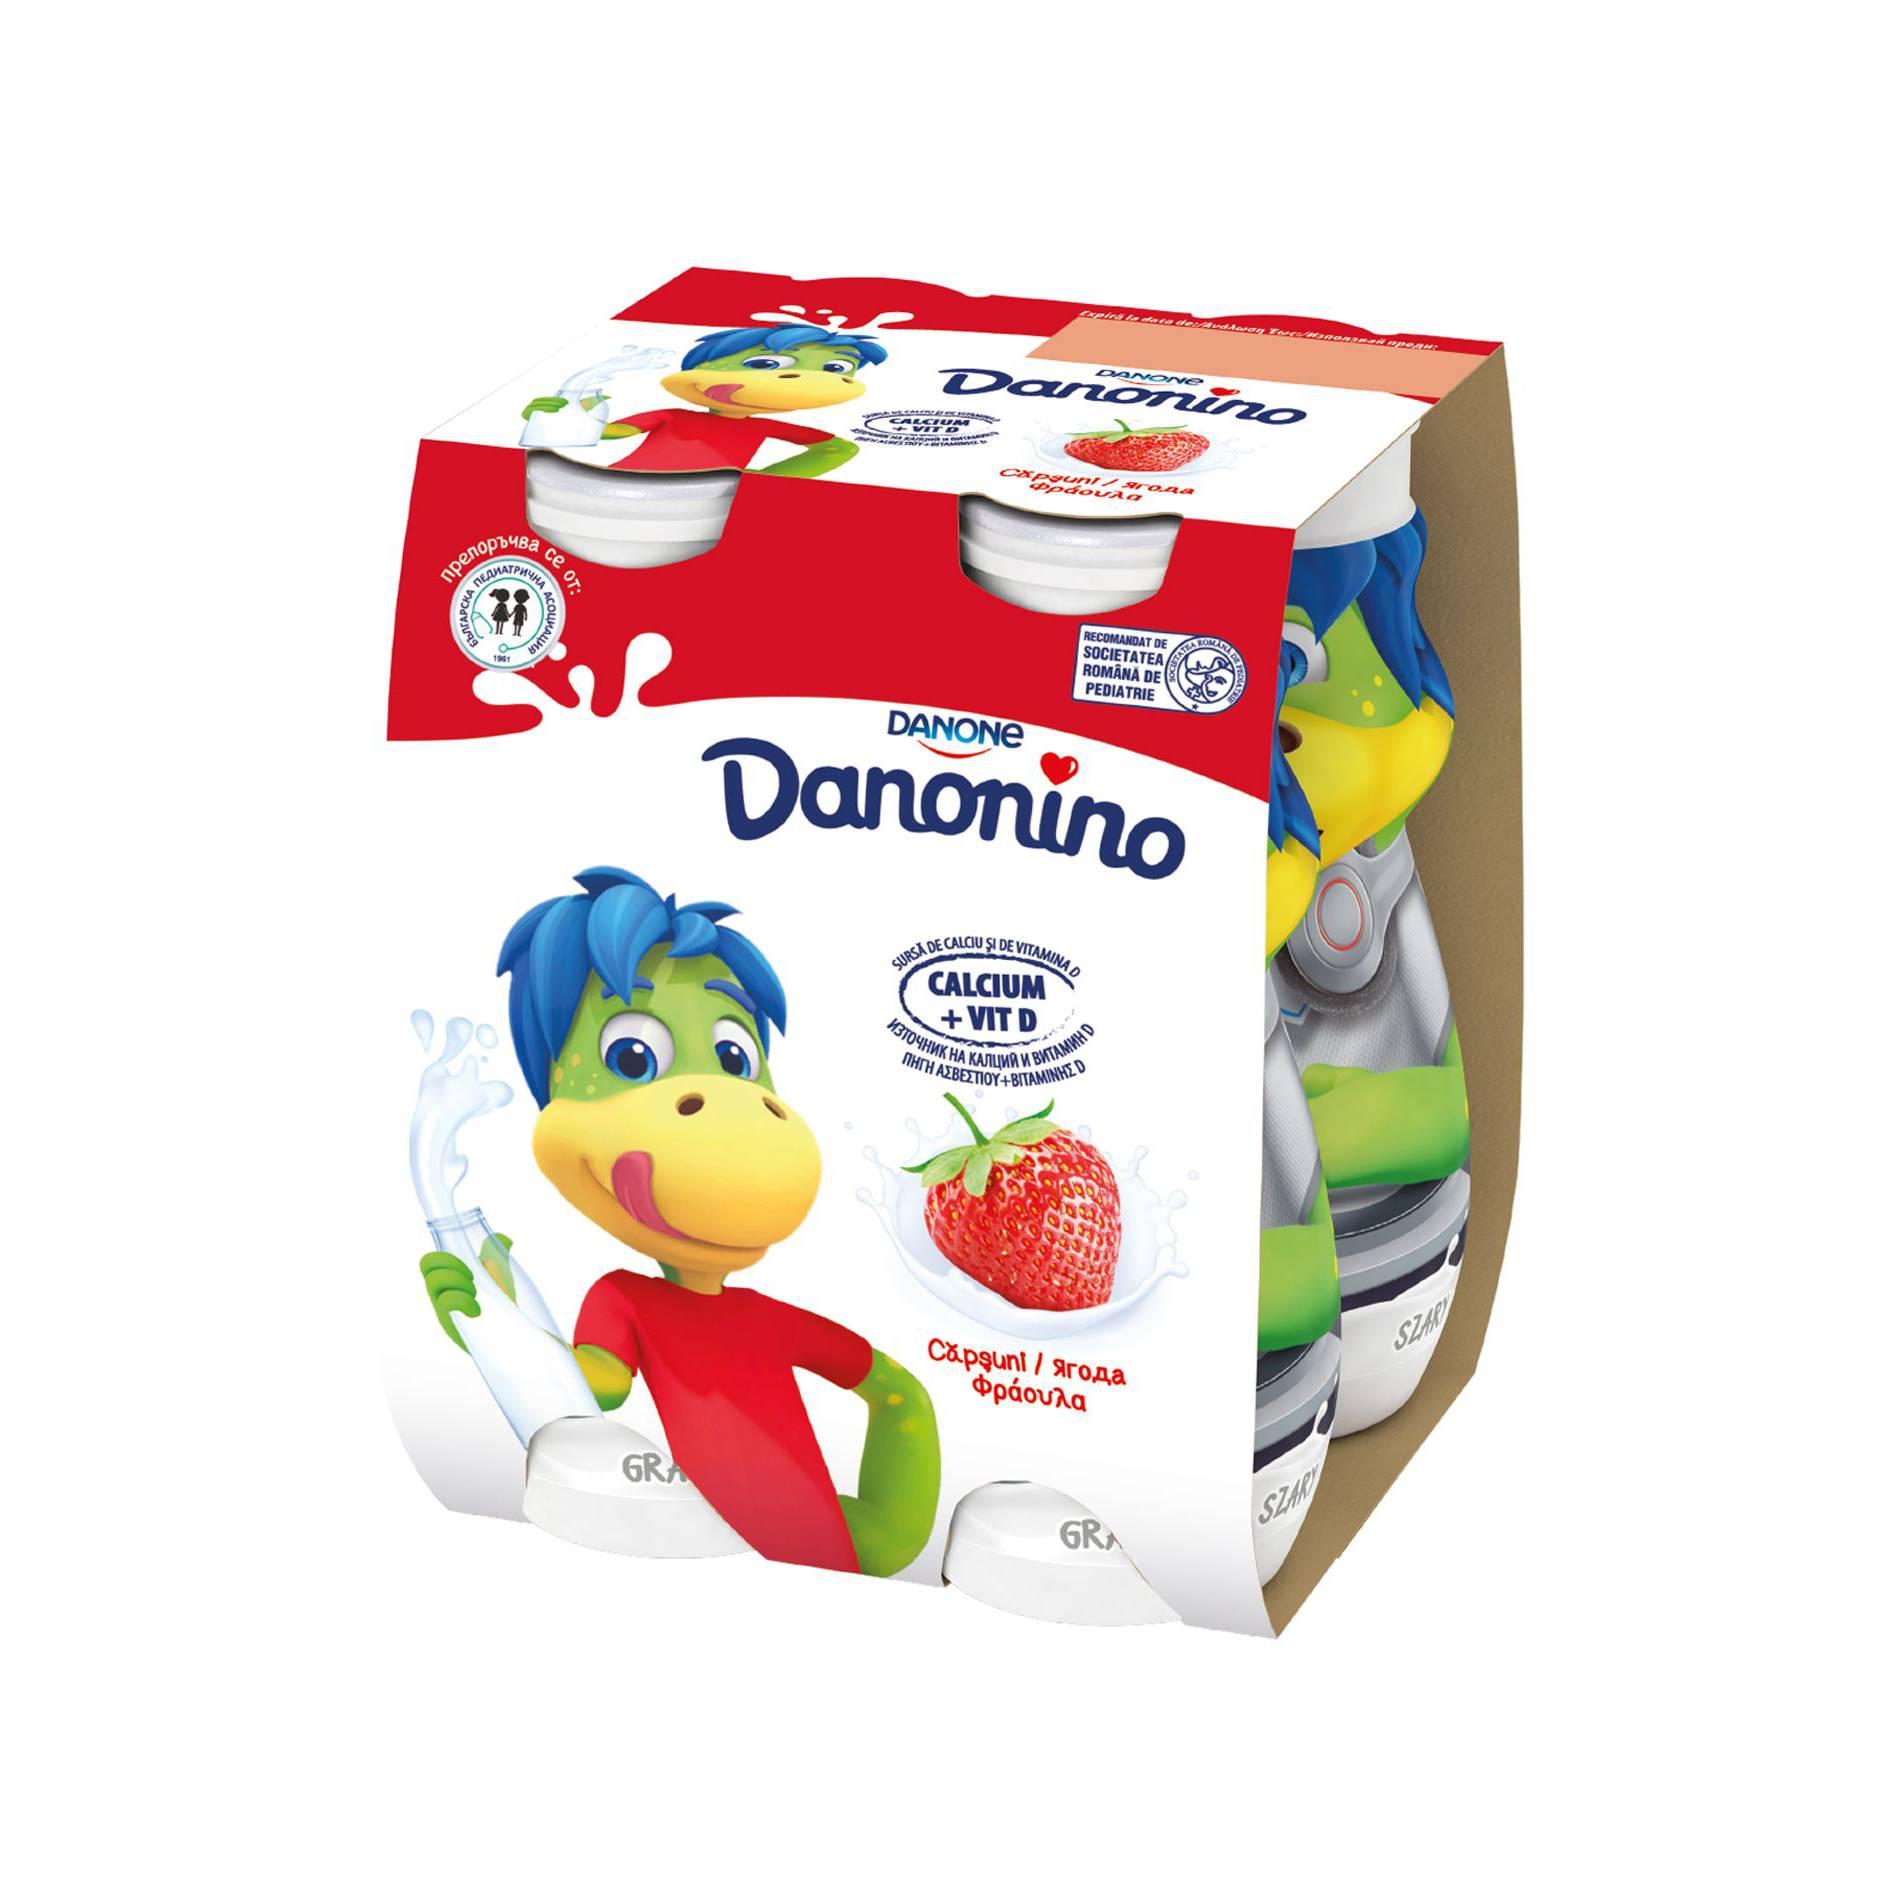 Iaurt de baut Danonino capsuna 3,5% 4*100g